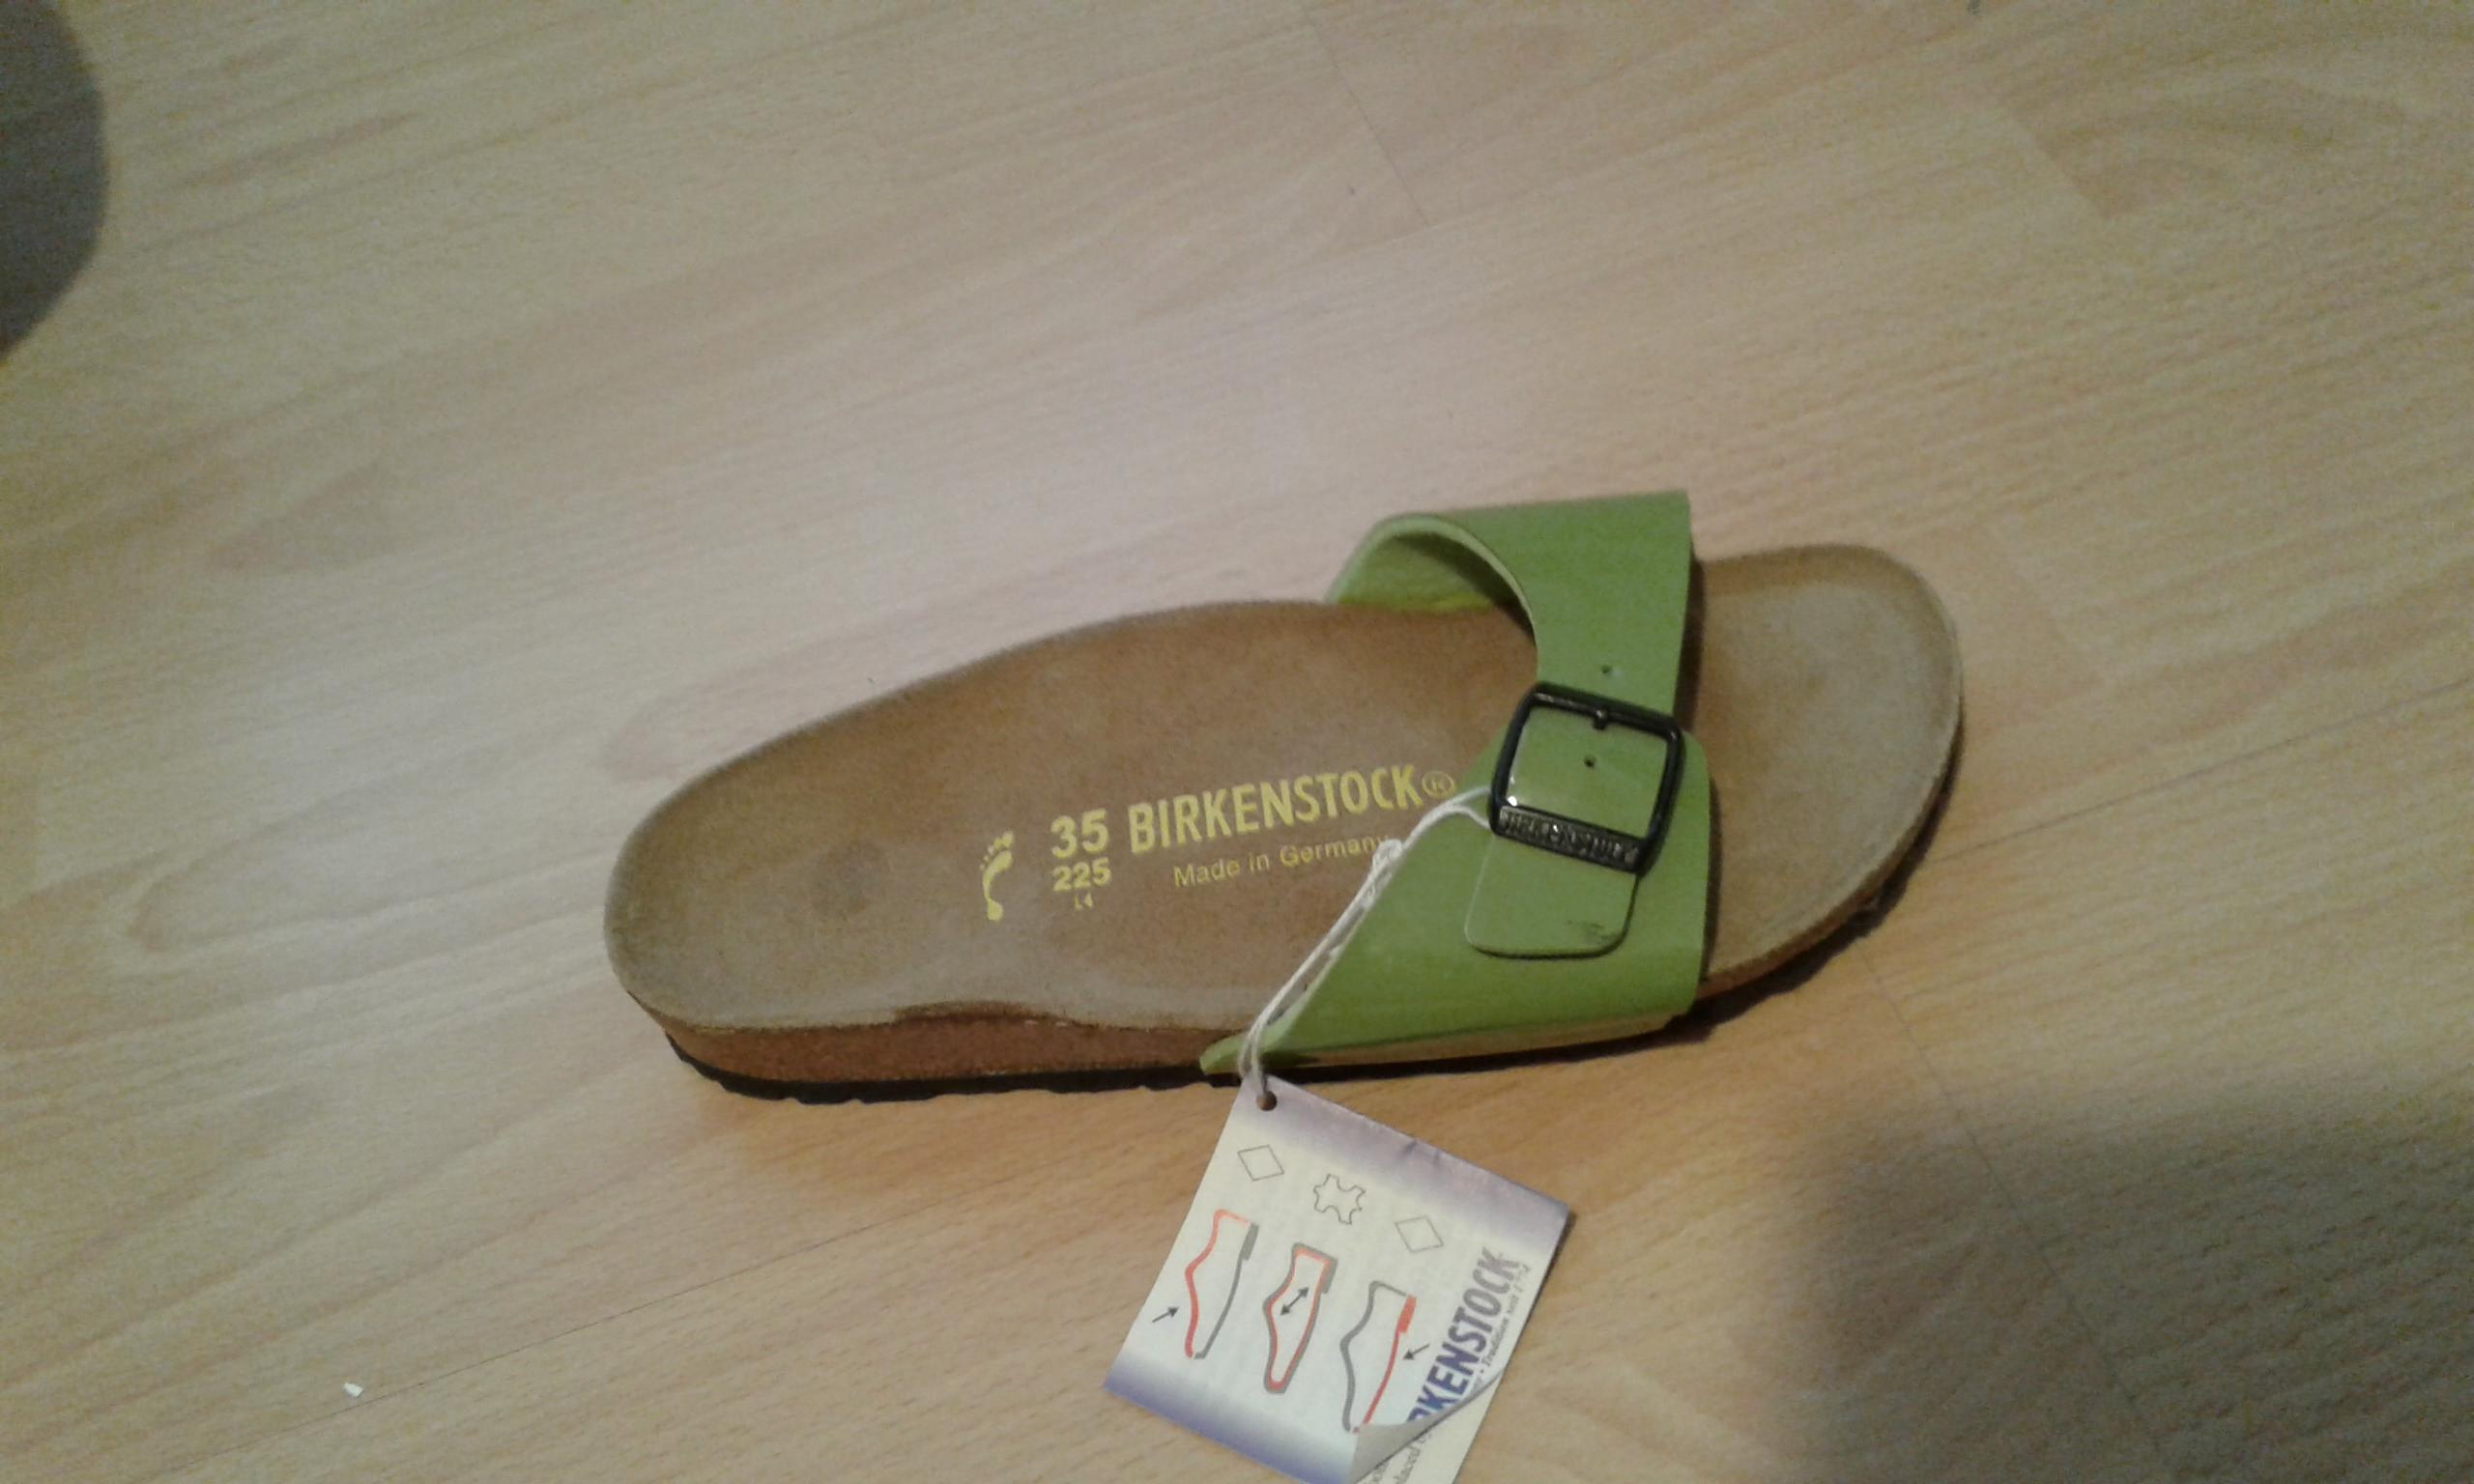 Neu 1x Birkenstock Sandale Einzelstück unpaar rechts Gr. 35 Leder